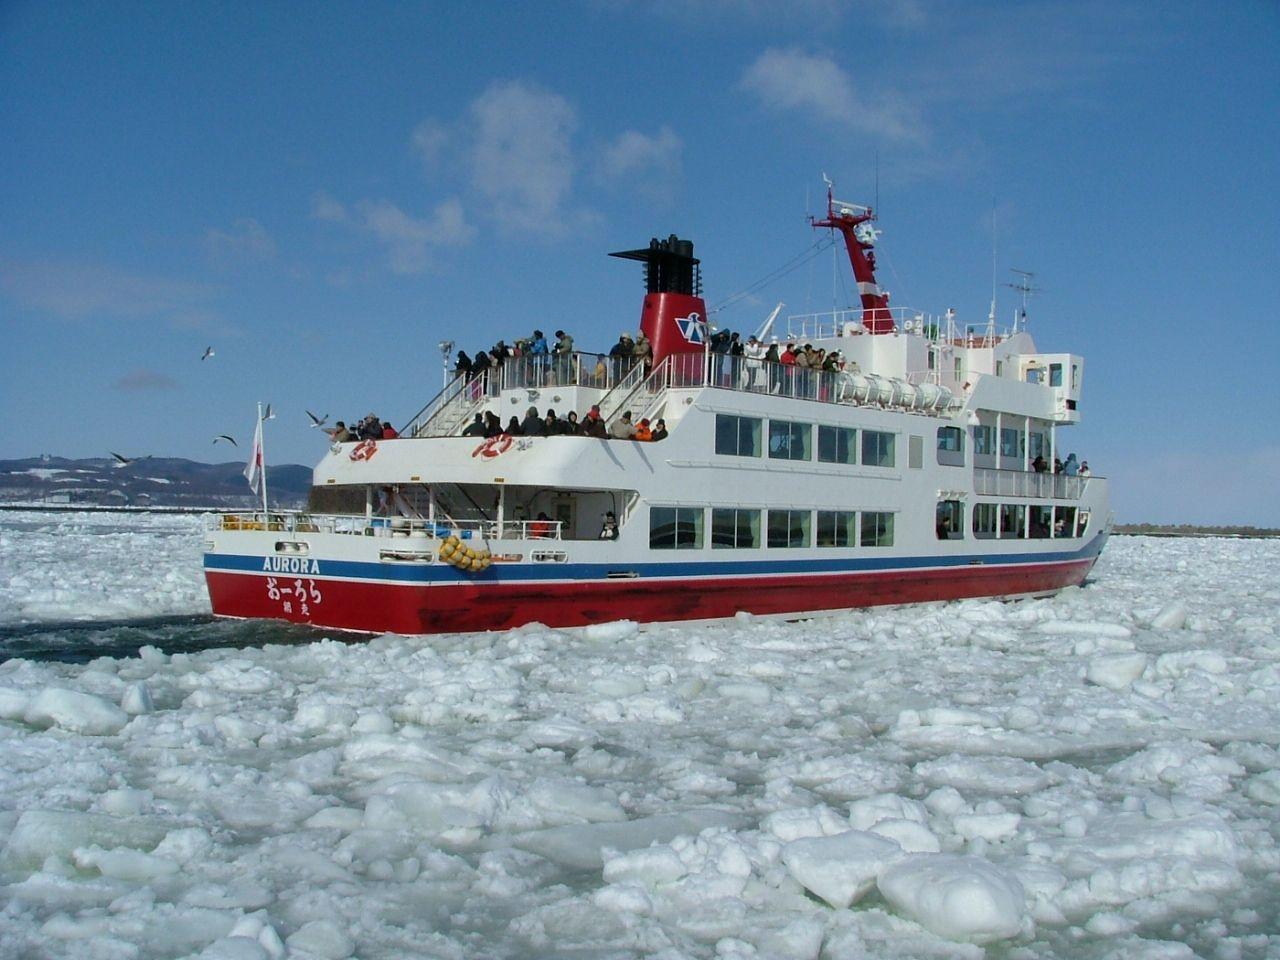 2.網走流氷観光砕氷船 おーろらで流氷観光